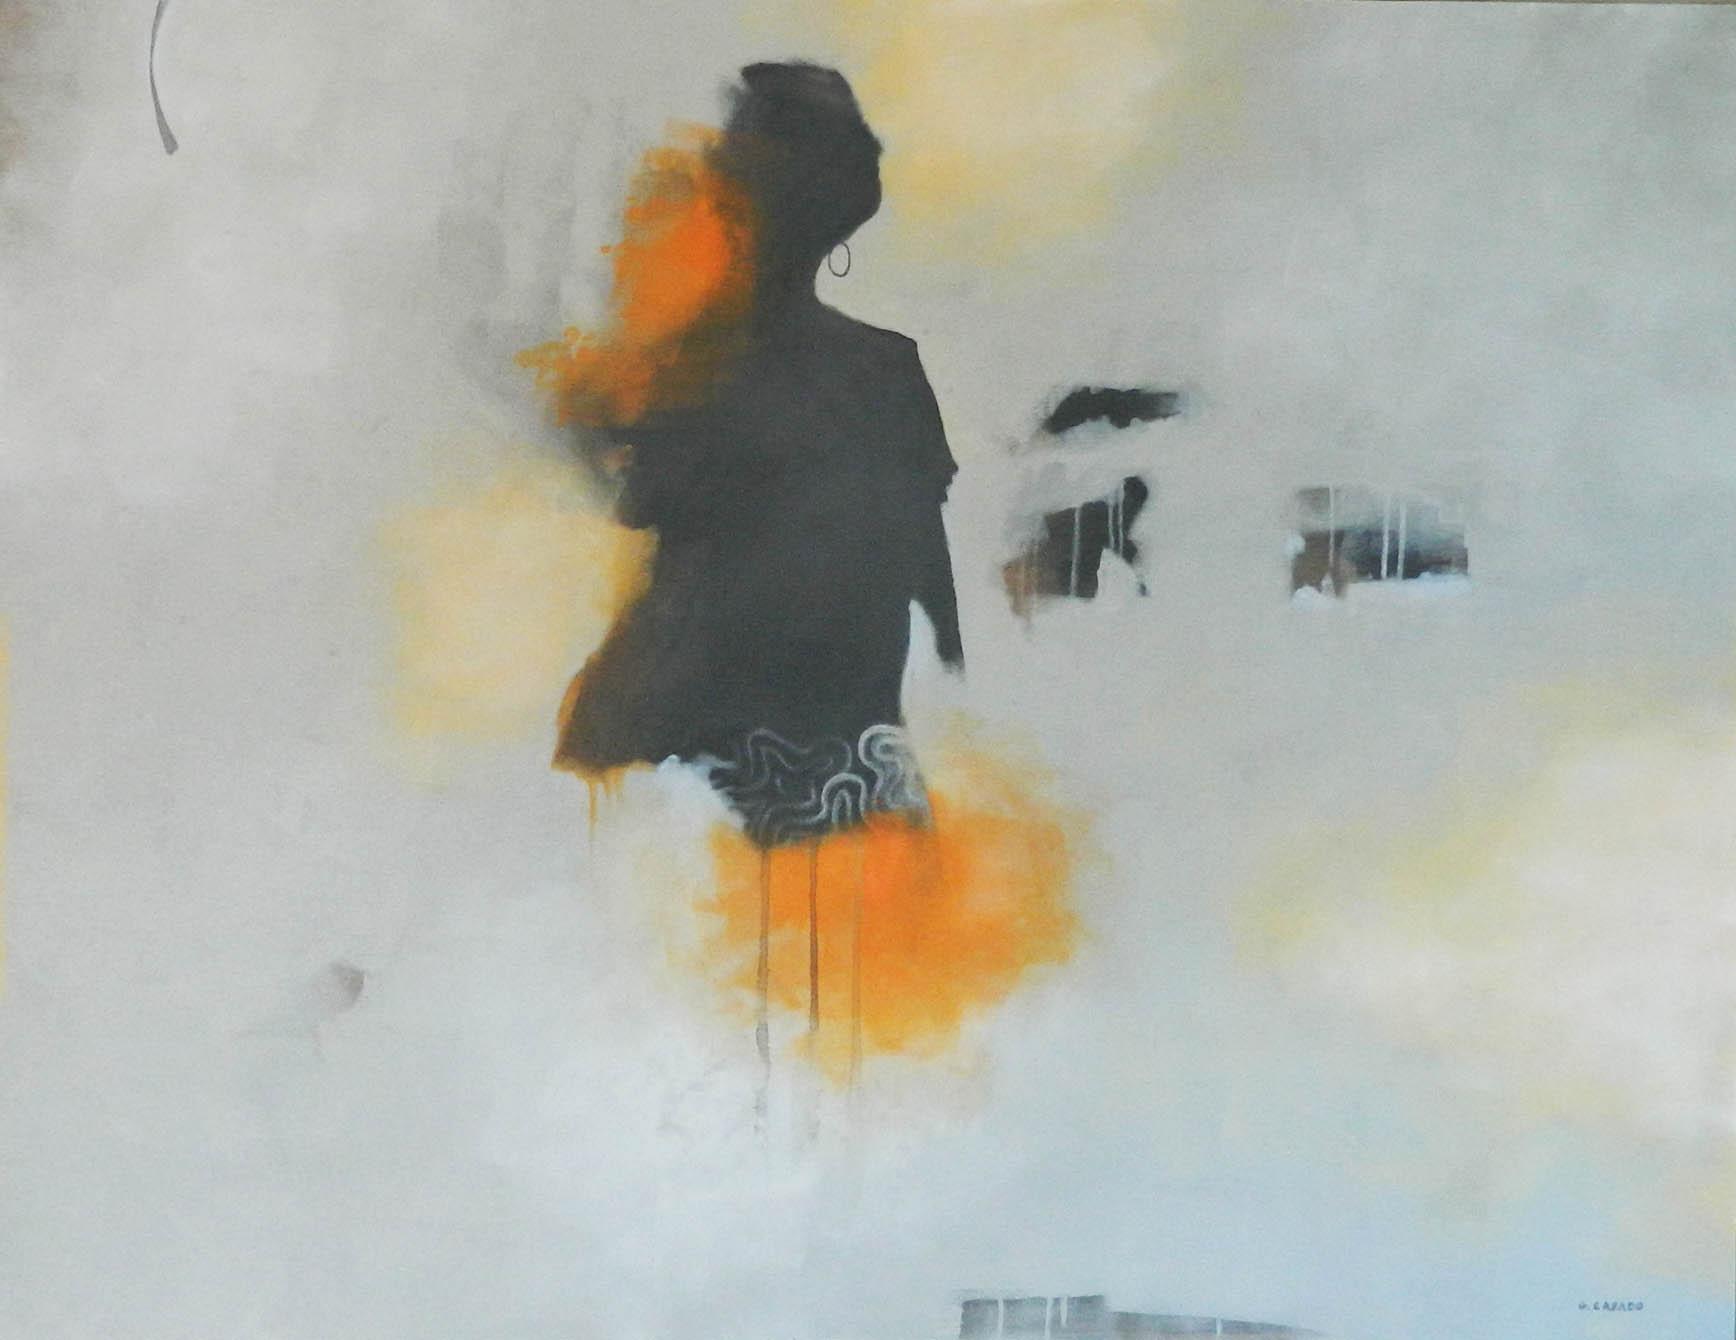 baianidade-nago-01-100-x-130